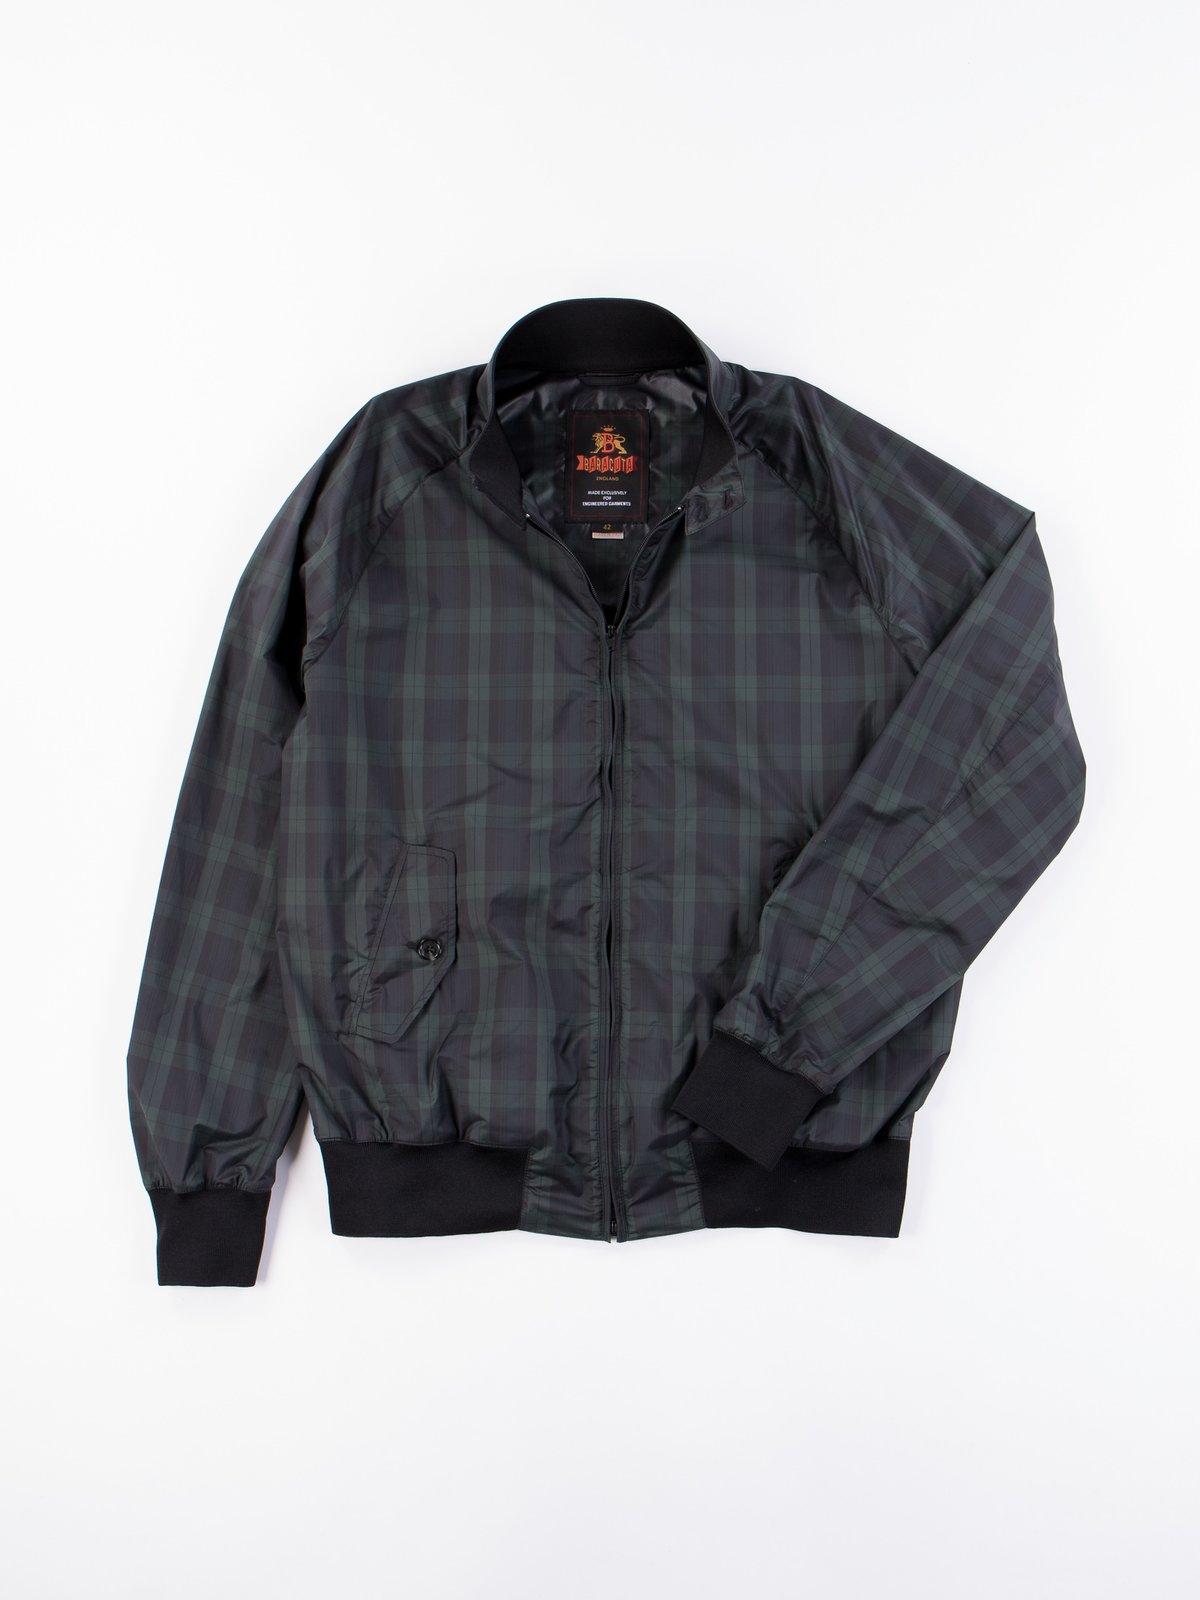 Blackwatch G9 EG Jacket - Image 6